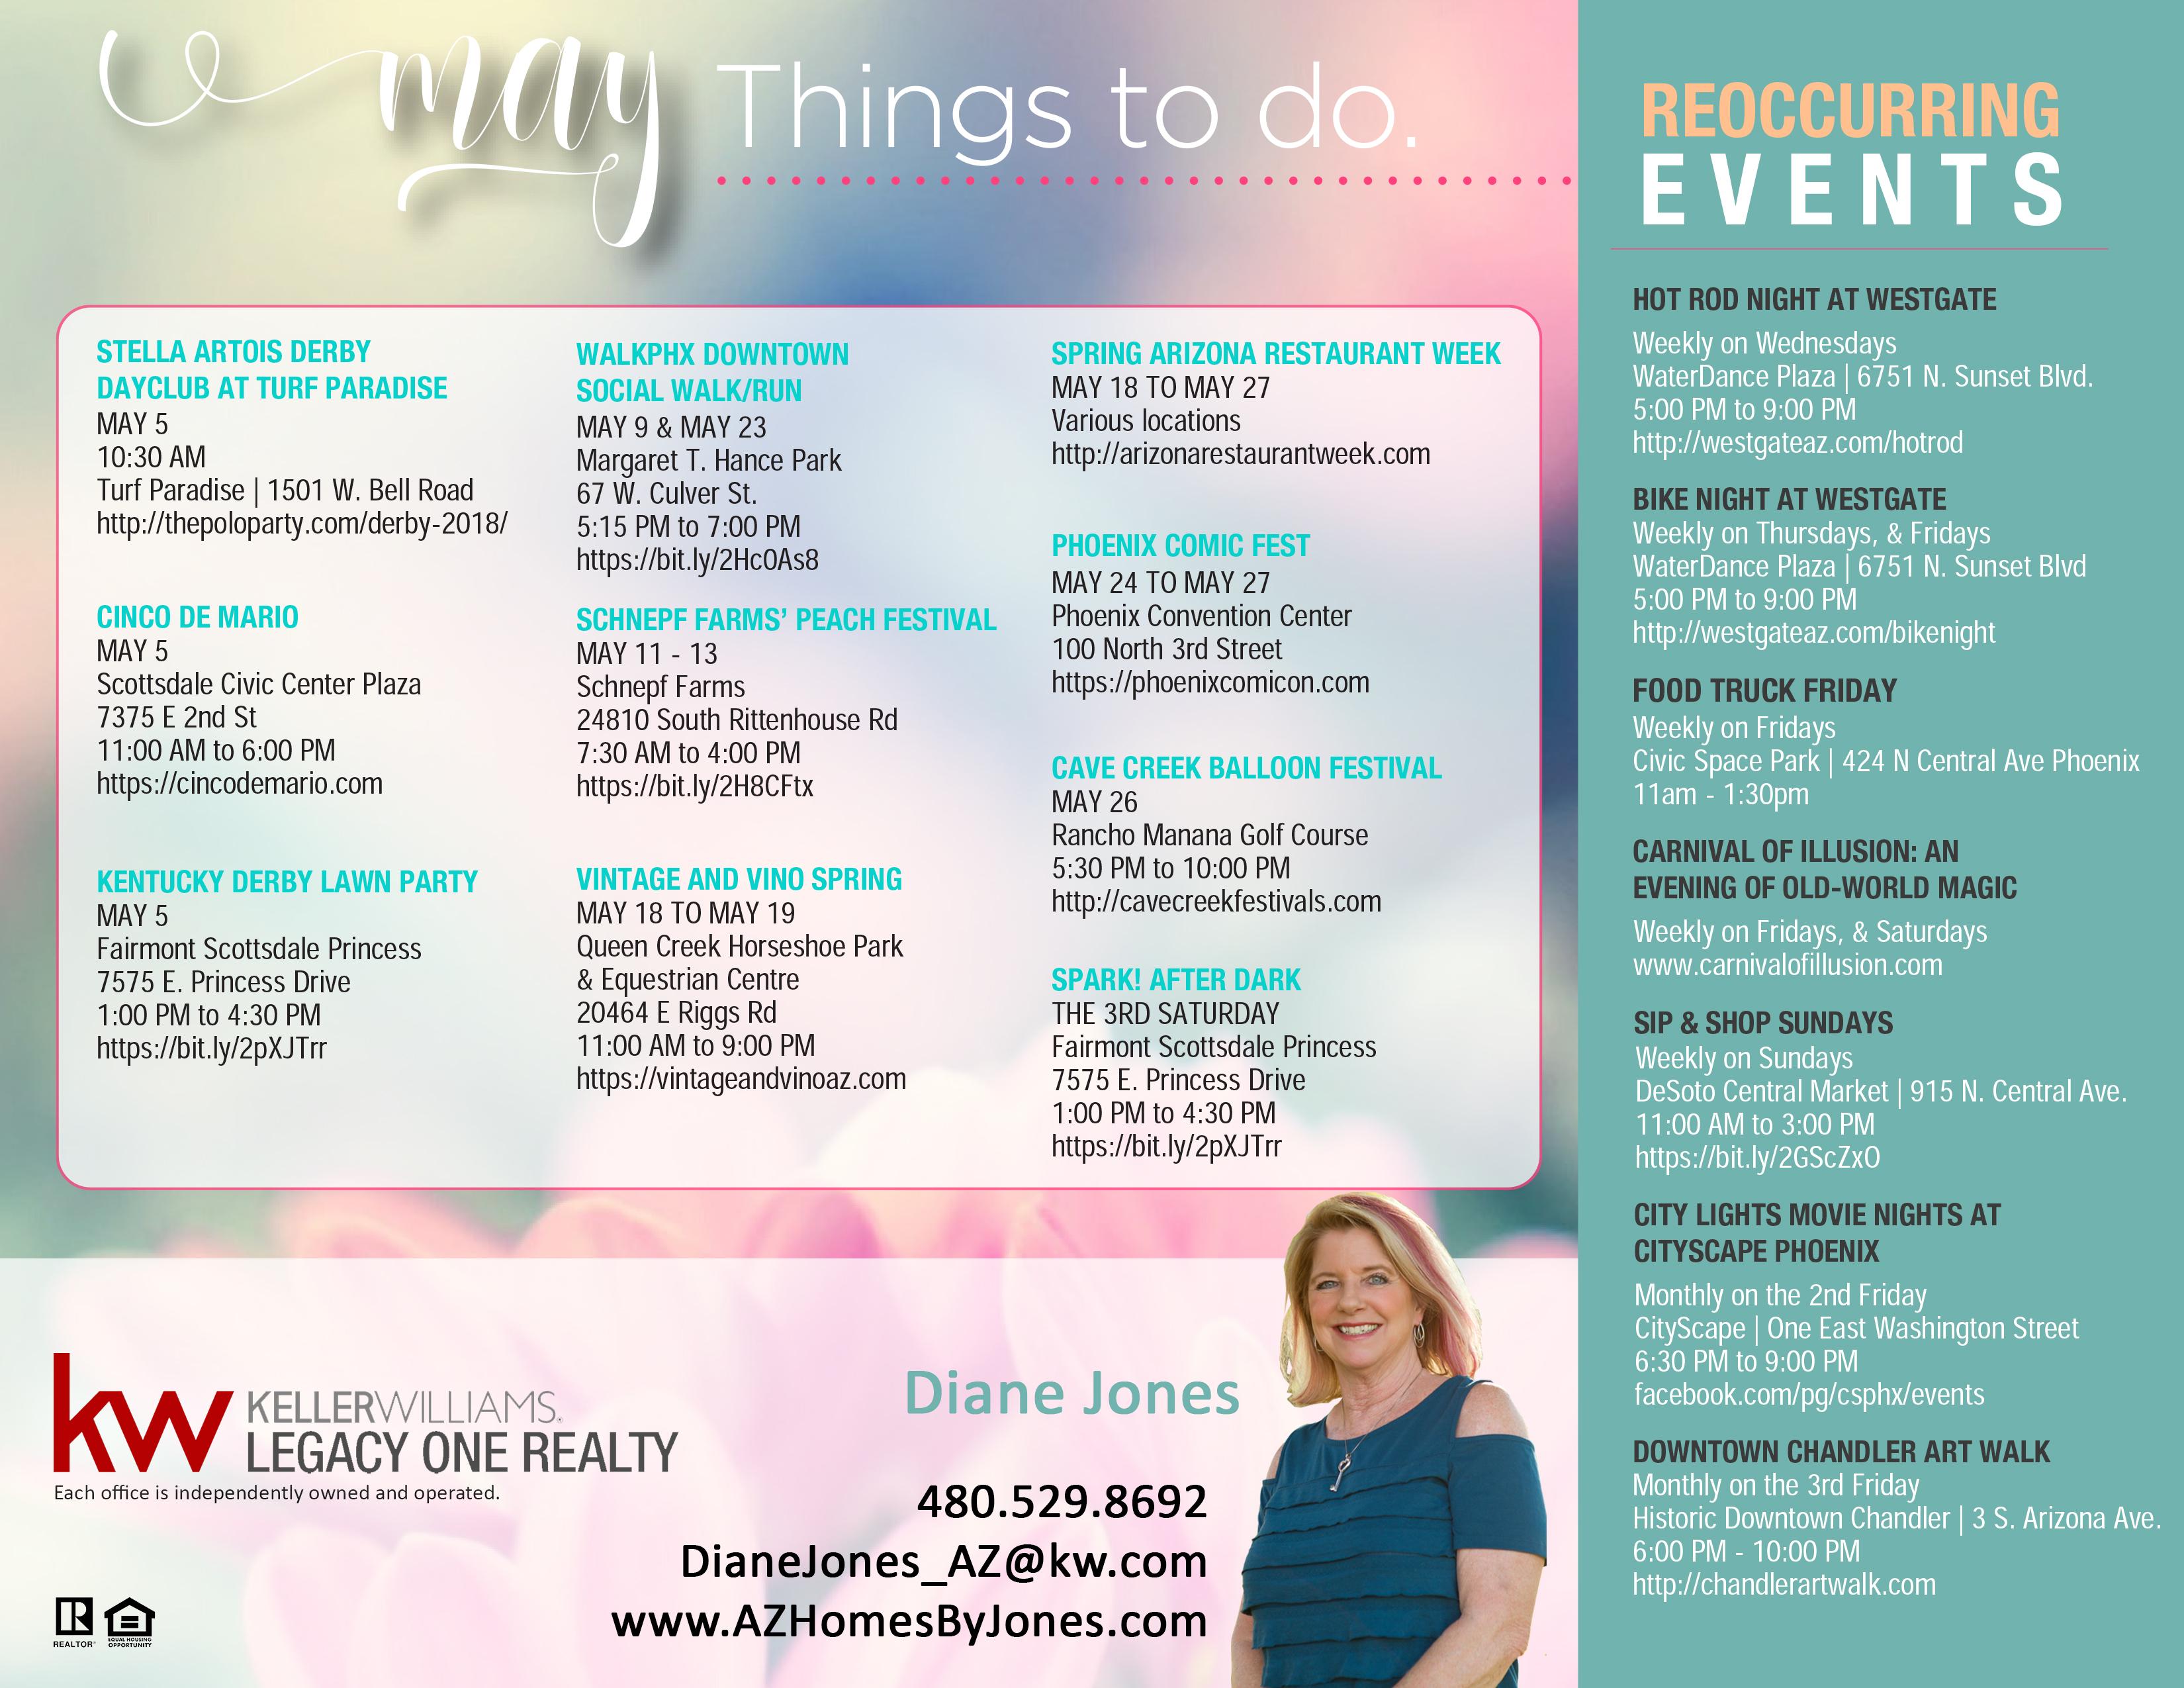 Things to do in May around Phoenix Arizona